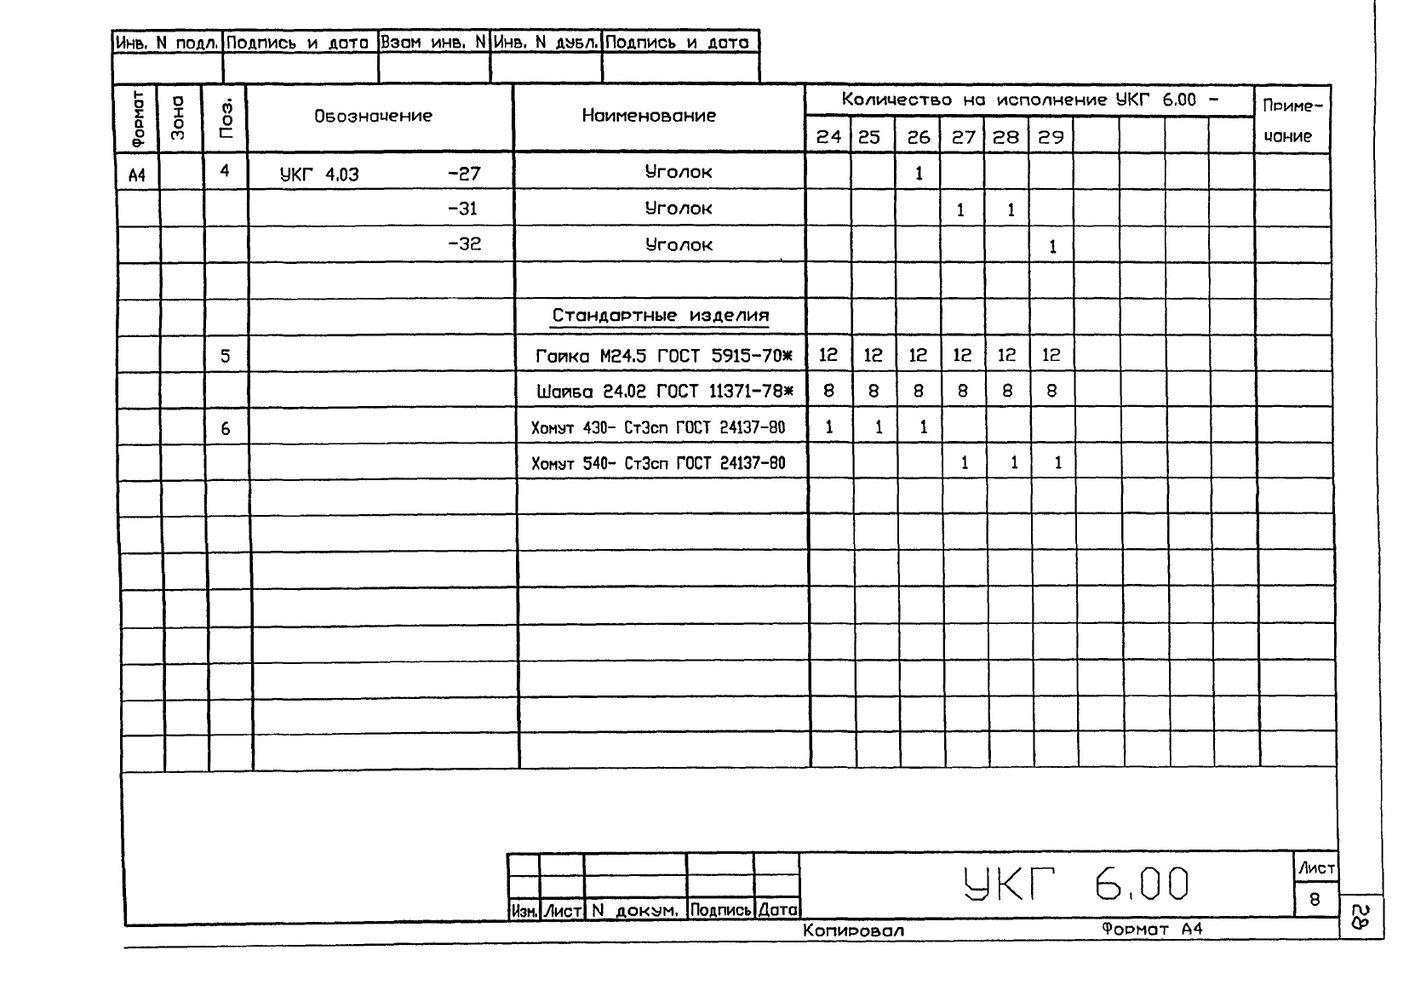 Крепление вертикального газопровода Ду 50...500 мм к железобетонной колонне УКГ 6.00 СБ серия 5.905-18.05 выпуск 1 стр.9